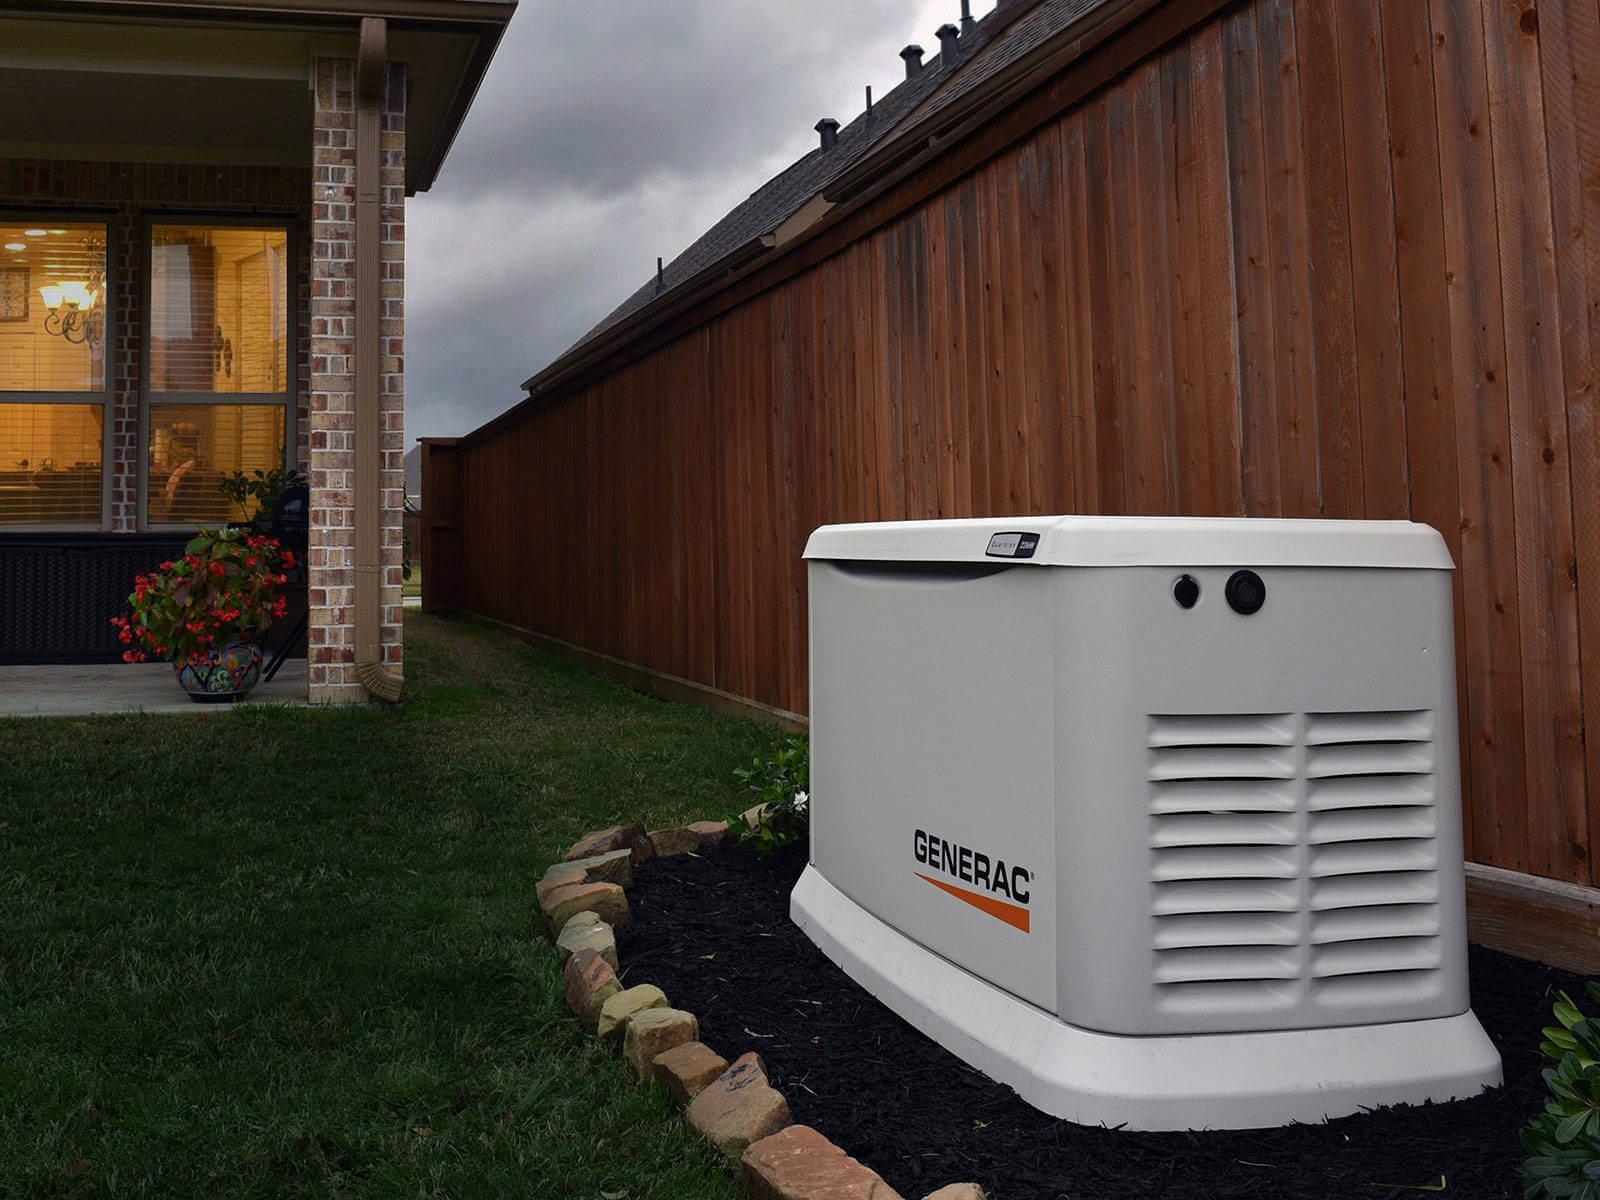 Generac generator outside backyard